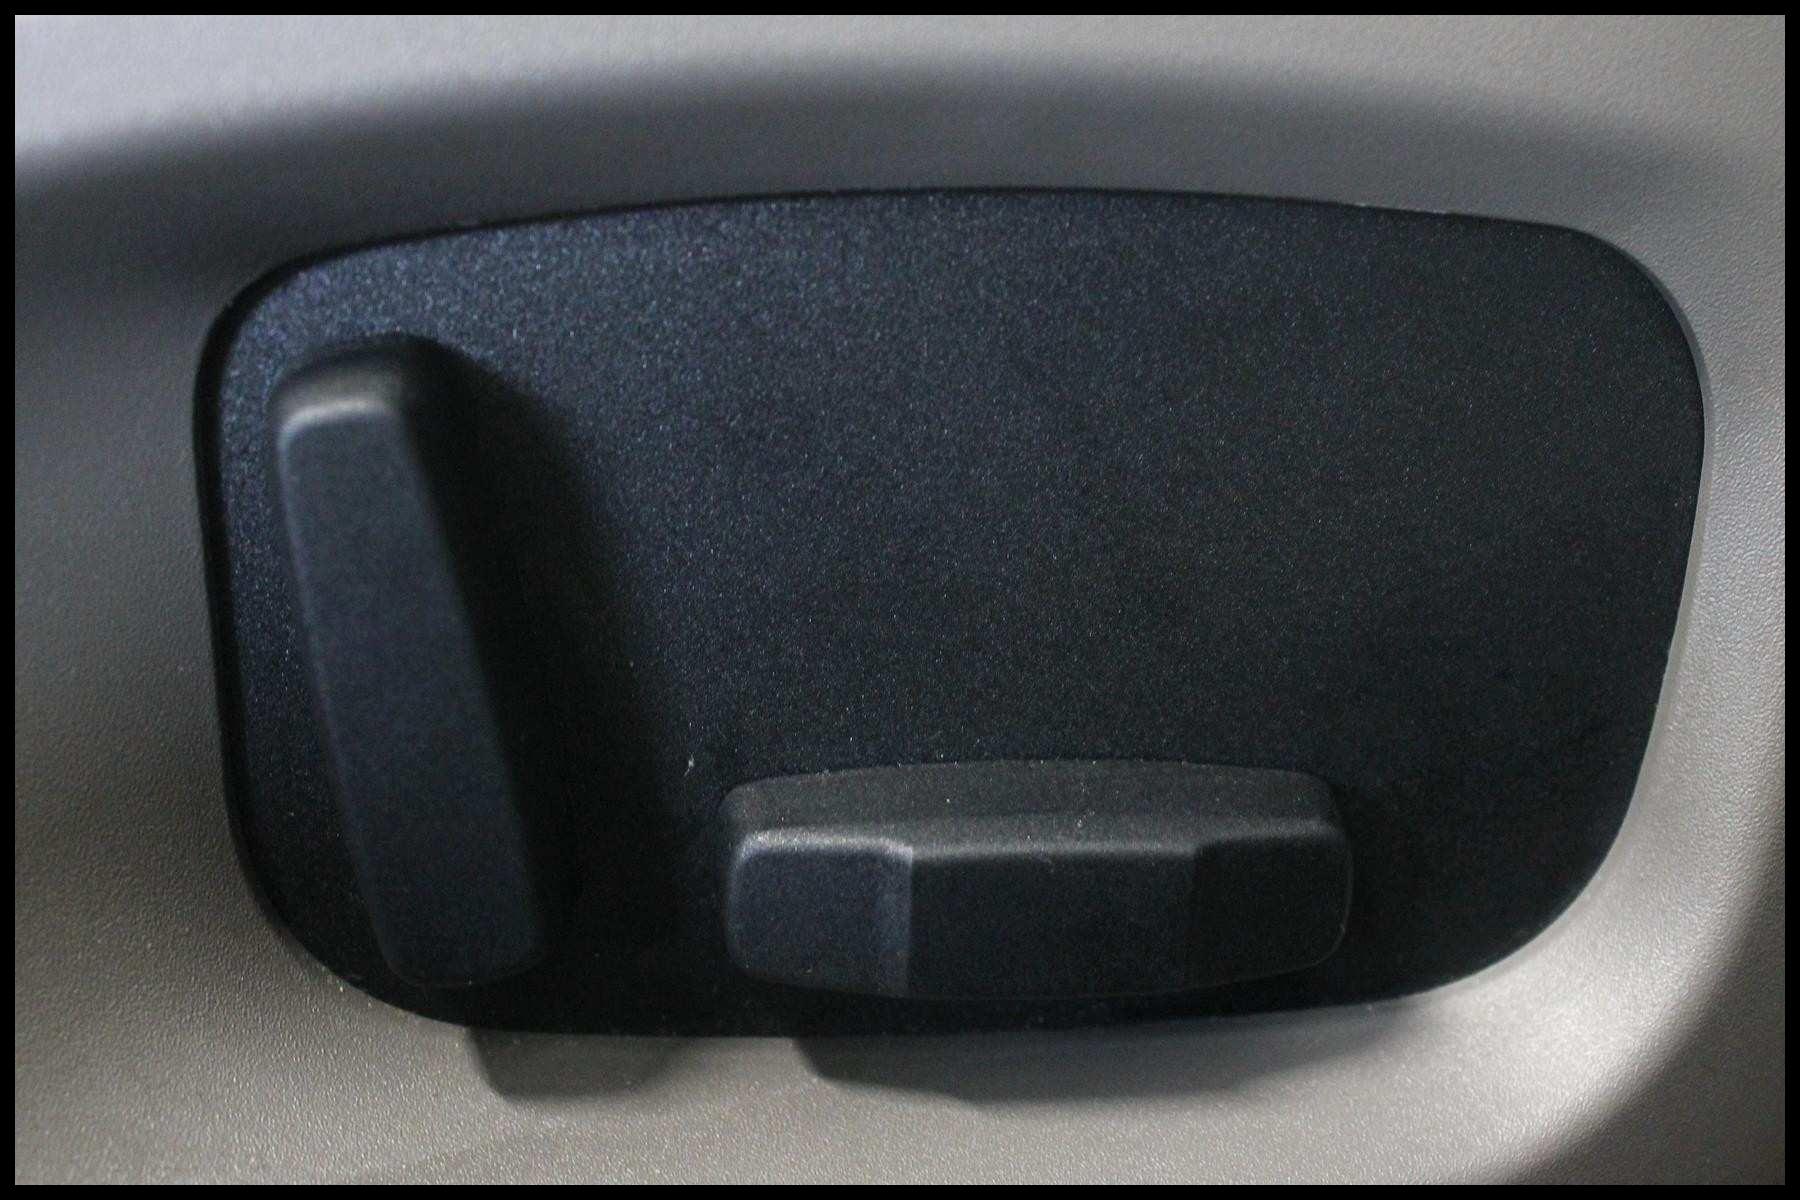 1999 toyota Camry Door Handle Luxury 50 Inspirational Exterior Car Door Handle Repair Cost 50